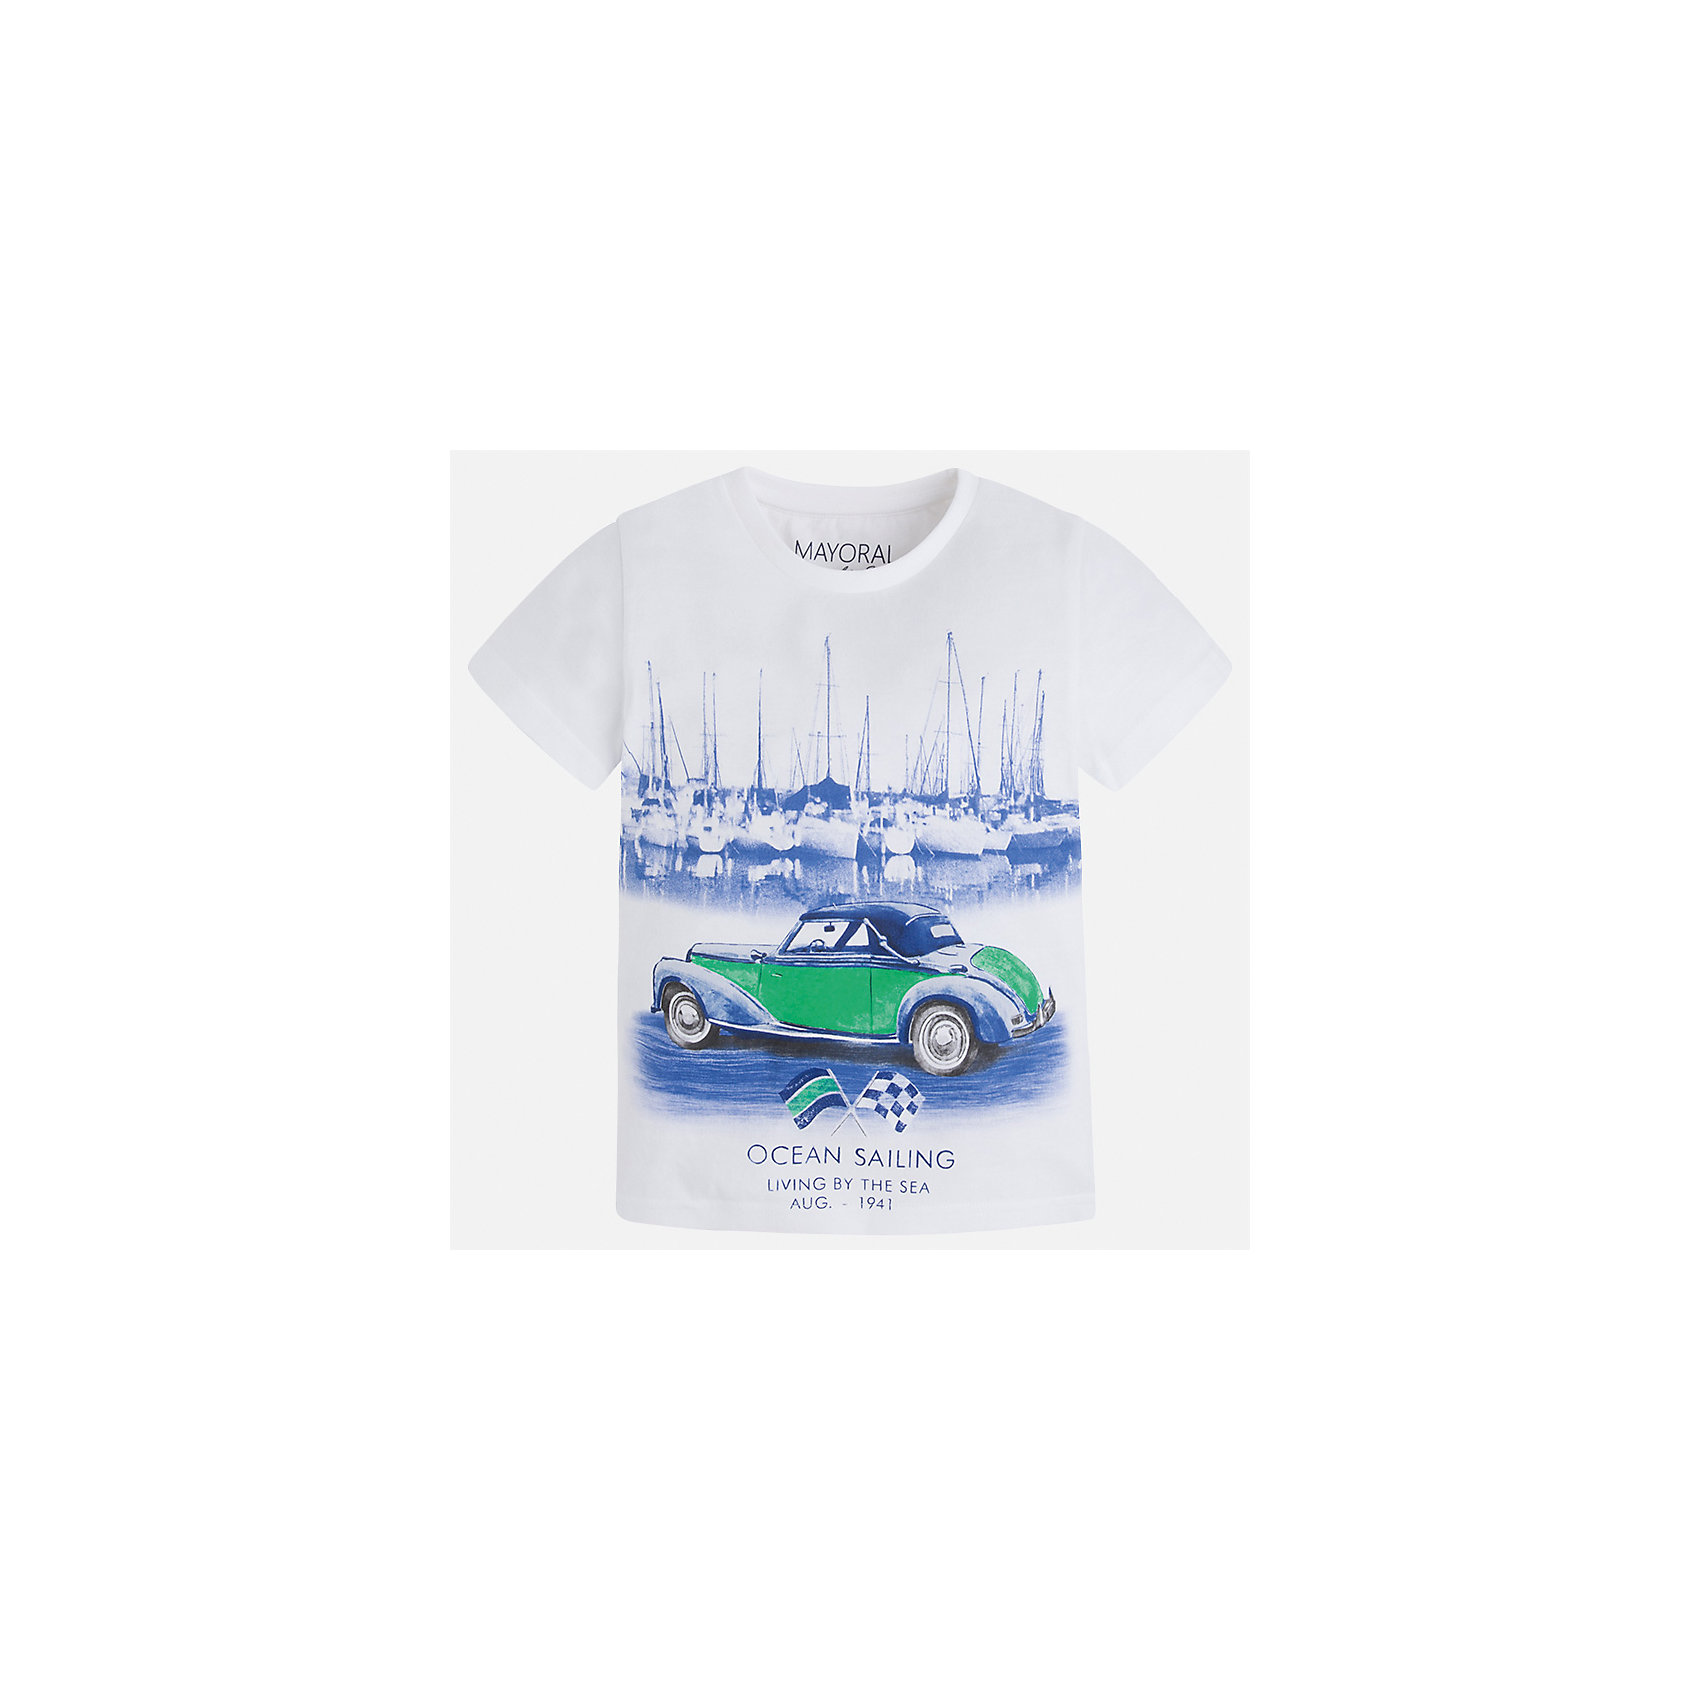 Футболка для мальчика MayoralФутболки, поло и топы<br>Характеристики товара:<br><br>• цвет: белый<br>• состав: 100% хлопок<br>• круглый горловой вырез<br>• принт впереди<br>• короткие рукава<br>• отделка горловины<br>• страна бренда: Испания<br><br>Стильная футболка с принтом поможет разнообразить гардероб мальчика. Она отлично сочетается с брюками, шортами, джинсами и т.д. Универсальный крой и цвет позволяет подобрать к вещи низ разных расцветок. Практичное и стильное изделие! В составе материала - только натуральный хлопок, гипоаллергенный, приятный на ощупь, дышащий.<br><br>Одежда, обувь и аксессуары от испанского бренда Mayoral полюбились детям и взрослым по всему миру. Модели этой марки - стильные и удобные. Для их производства используются только безопасные, качественные материалы и фурнитура. Порадуйте ребенка модными и красивыми вещами от Mayoral! <br><br>Футболку для мальчика от испанского бренда Mayoral (Майорал) можно купить в нашем интернет-магазине.<br><br>Ширина мм: 199<br>Глубина мм: 10<br>Высота мм: 161<br>Вес г: 151<br>Цвет: белый<br>Возраст от месяцев: 18<br>Возраст до месяцев: 24<br>Пол: Мужской<br>Возраст: Детский<br>Размер: 92,116,134,128,122,110,104,98<br>SKU: 5279737